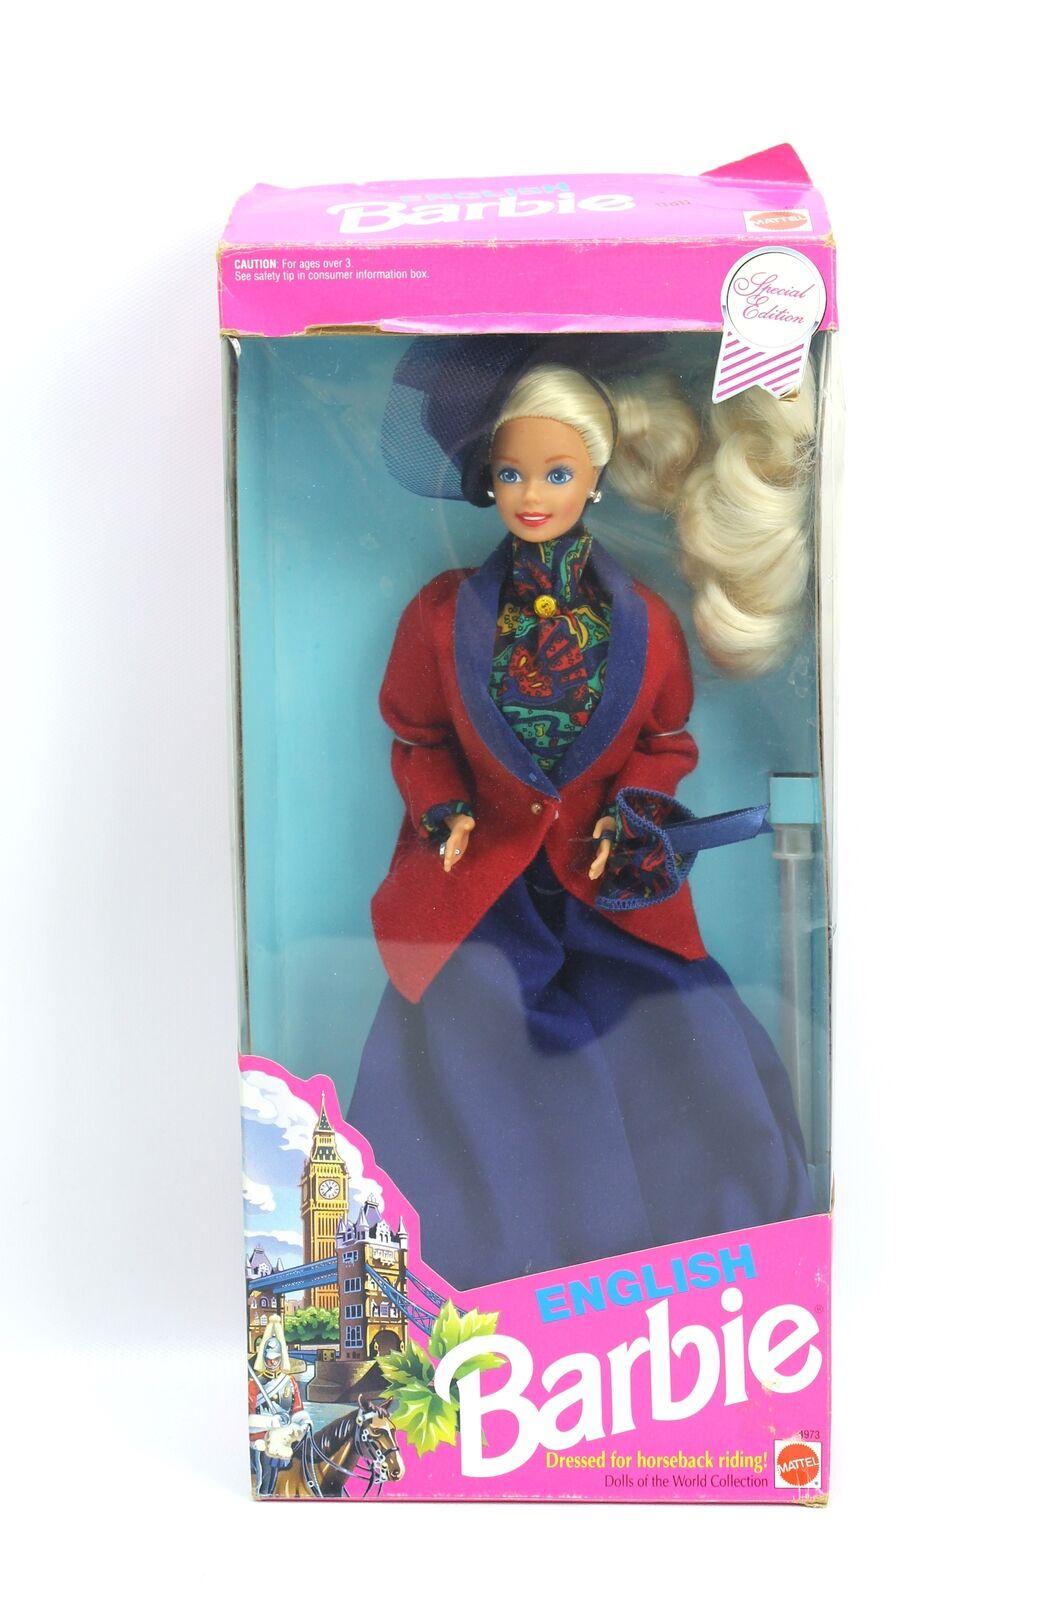 Muñecas del mundo inglés británico Equitación Muñeca Barbie Edición Especial 4973 1991